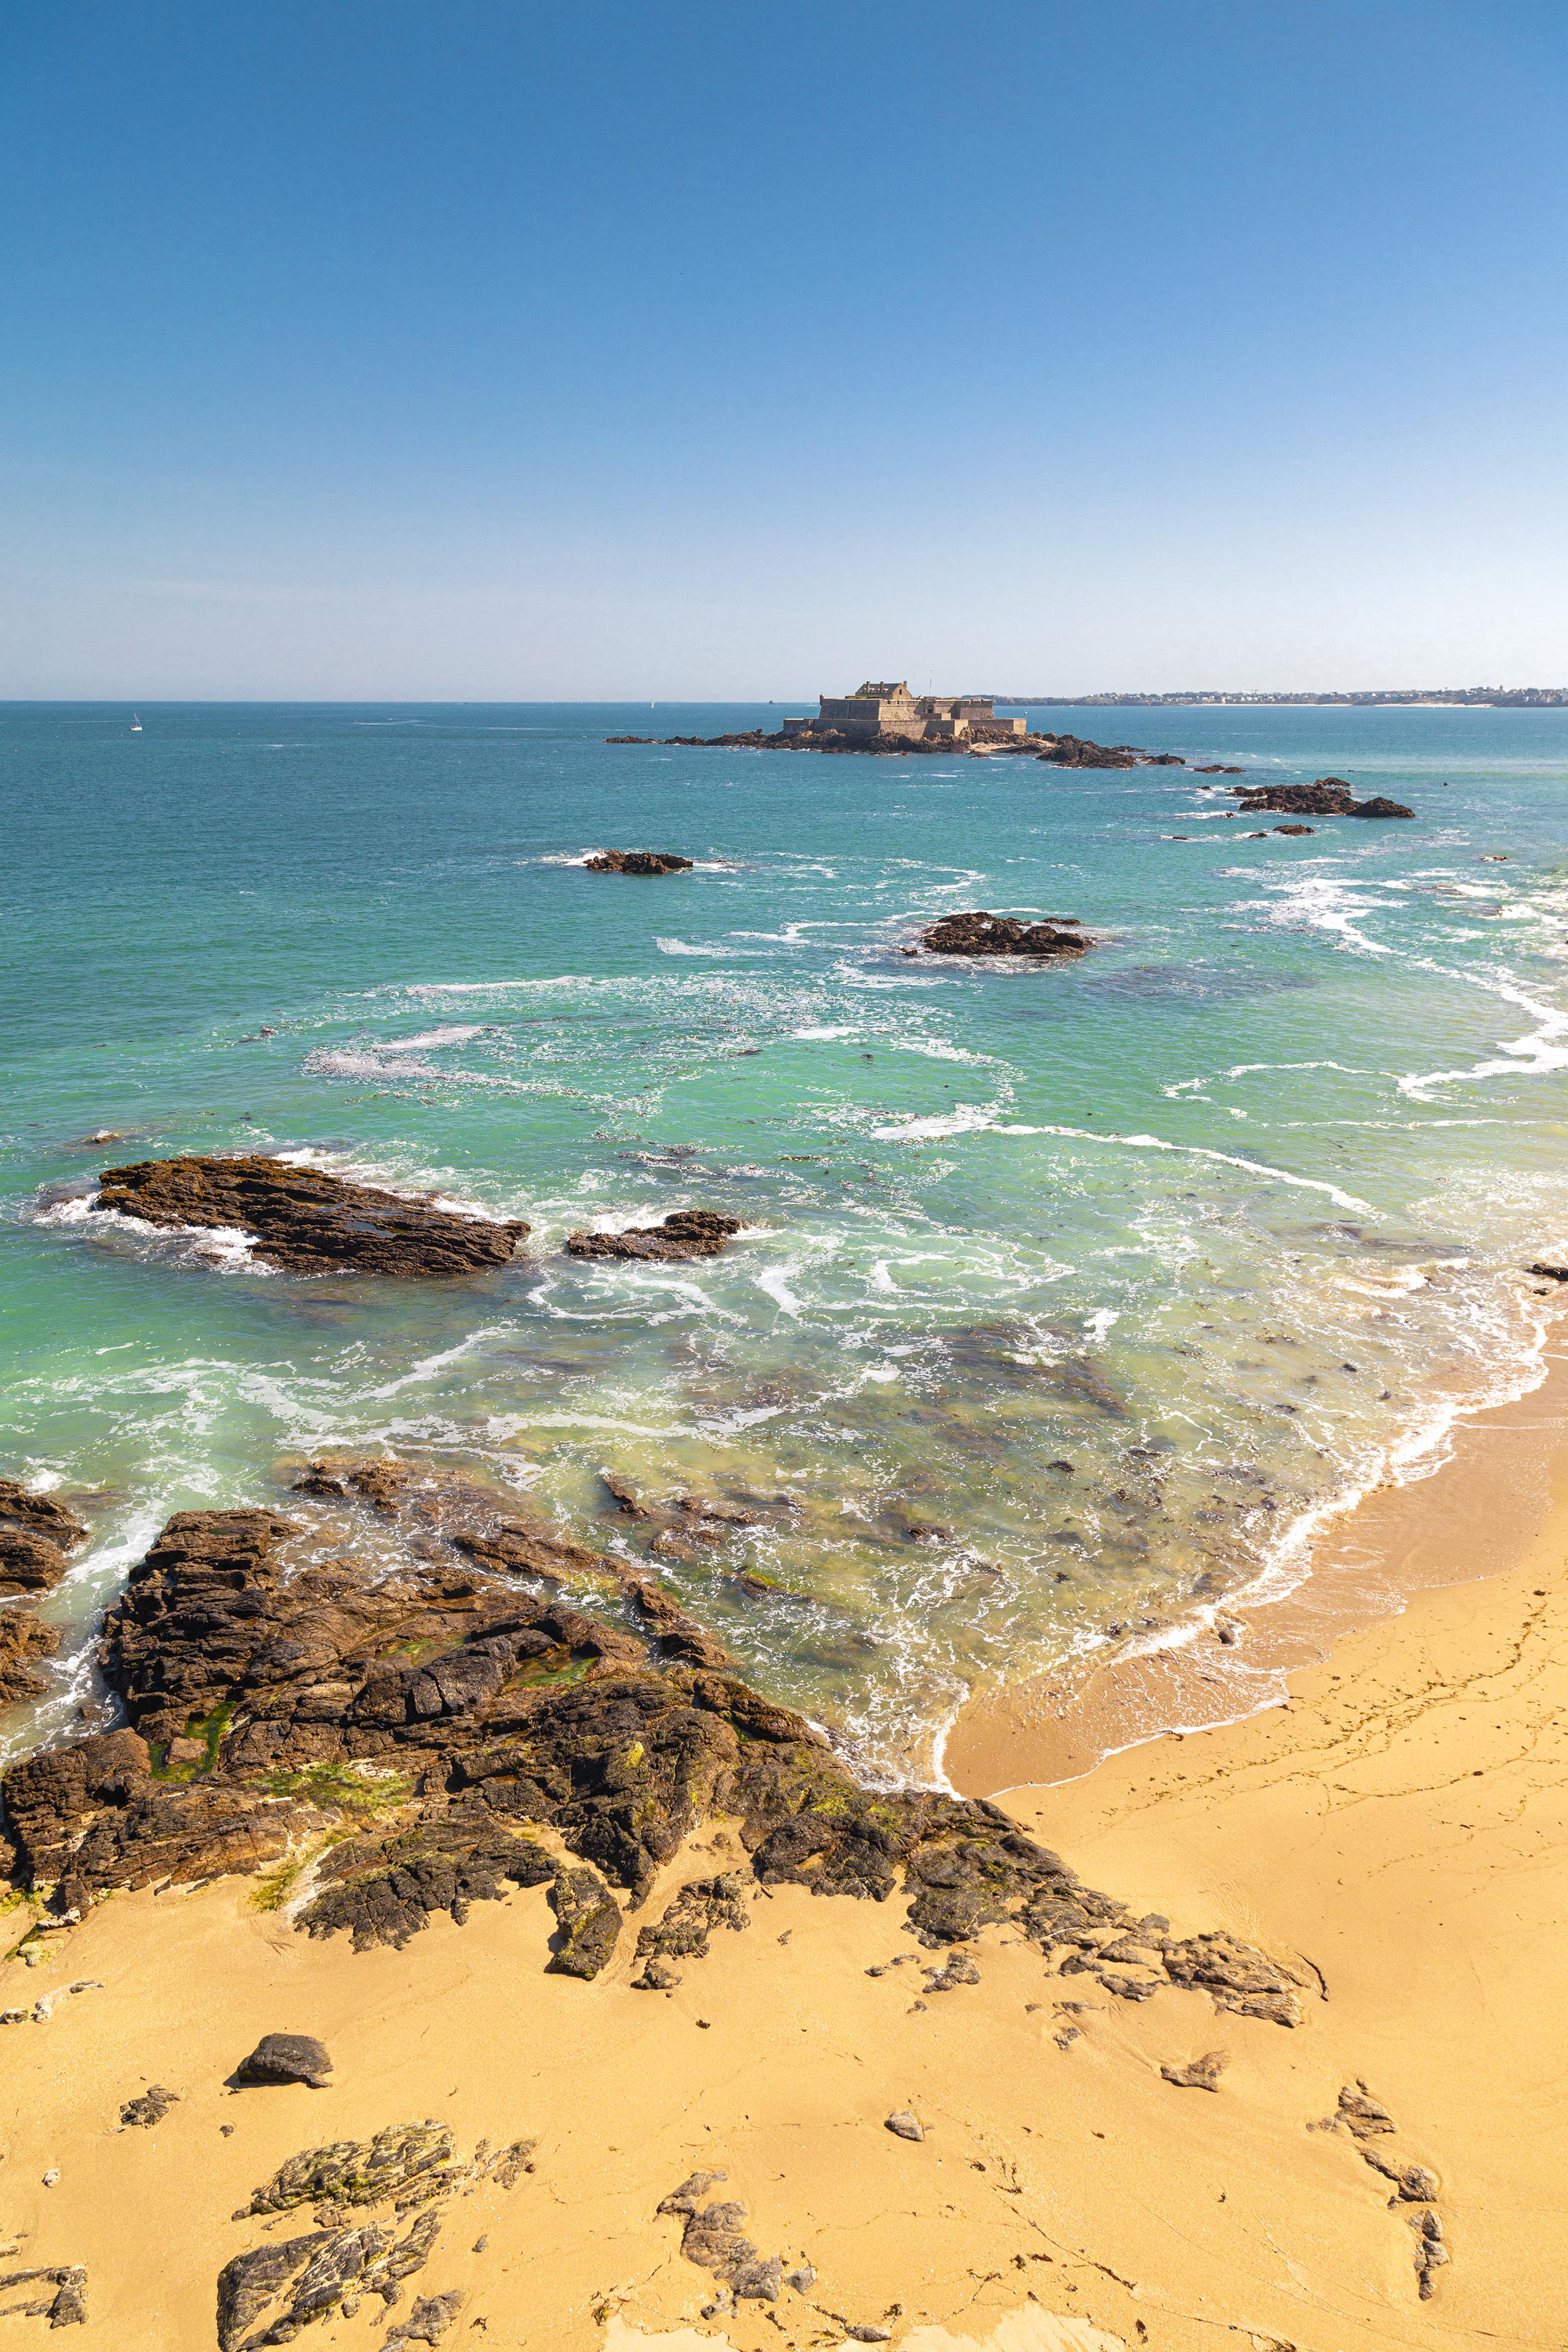 Les caraïbes s'invitent à Saint-Malo